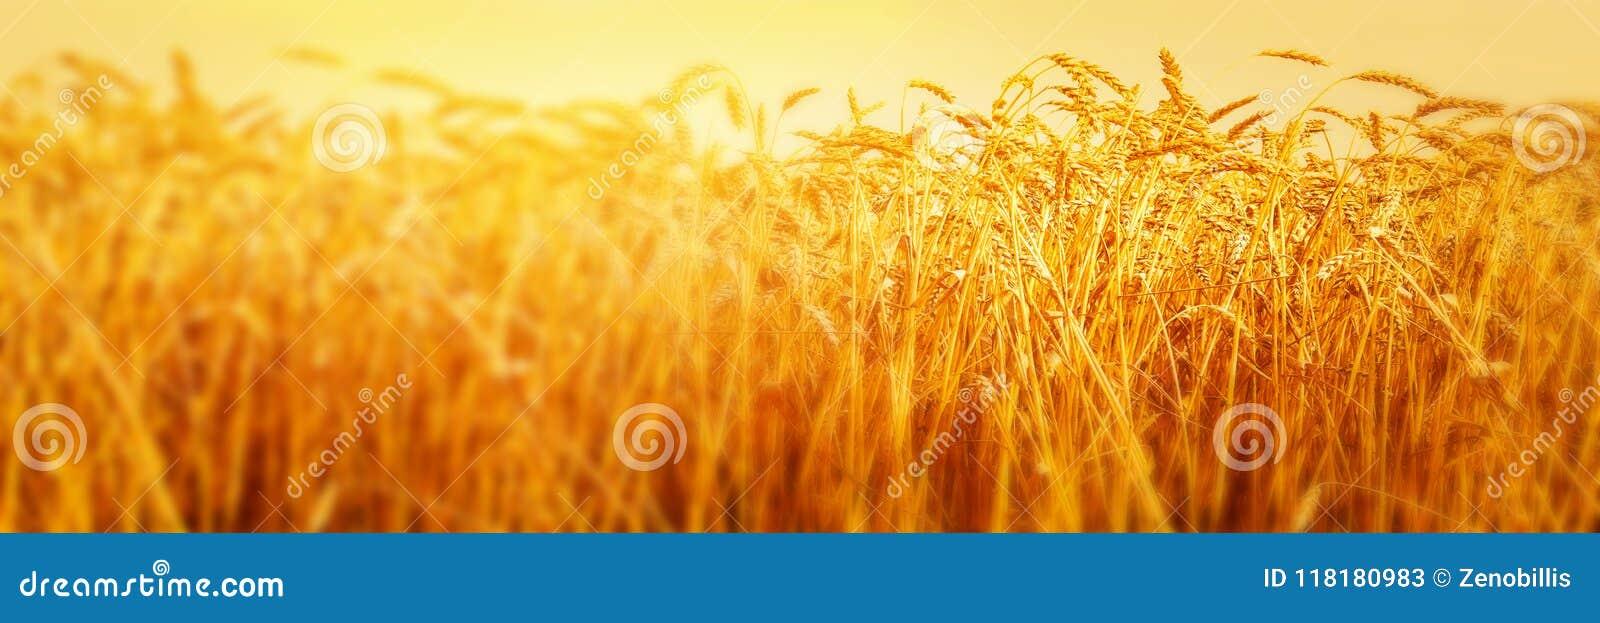 Τα ώριμα αυτιά του σίτου στον τομέα κατά τη διάρκεια της συγκομιδής κλείνουν επάνω Θερινό τοπίο γεωργίας αγροτική σκηνή εικόνα πα